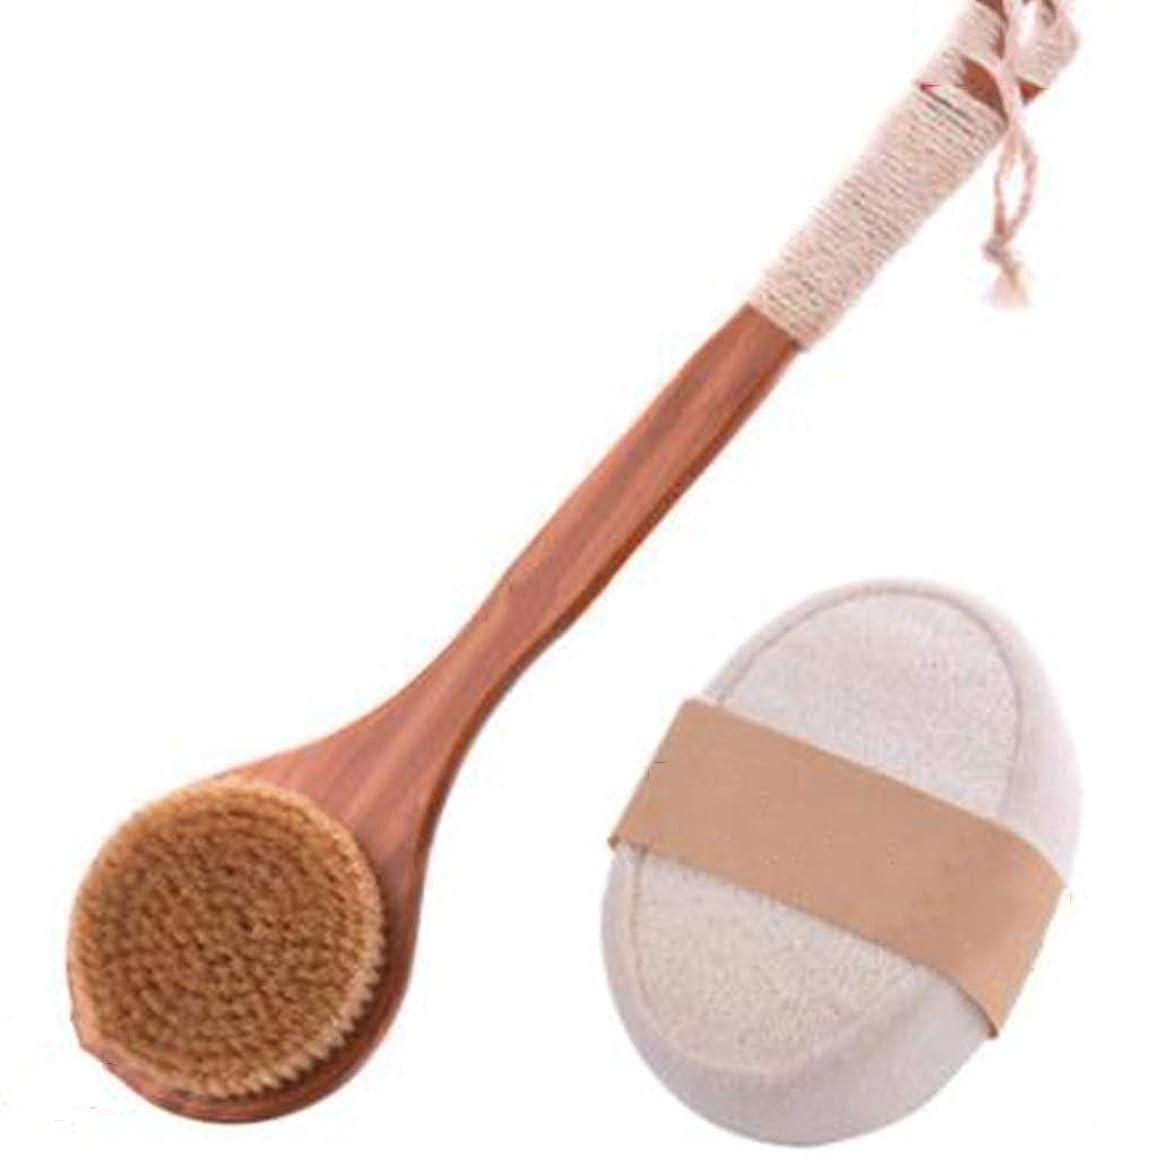 フルーティー精神的に鎖滑り止めロング木製ハンドル+タオルひょうたんスポンジバスブラシ付きドライバスボディブラシバックスクラバー